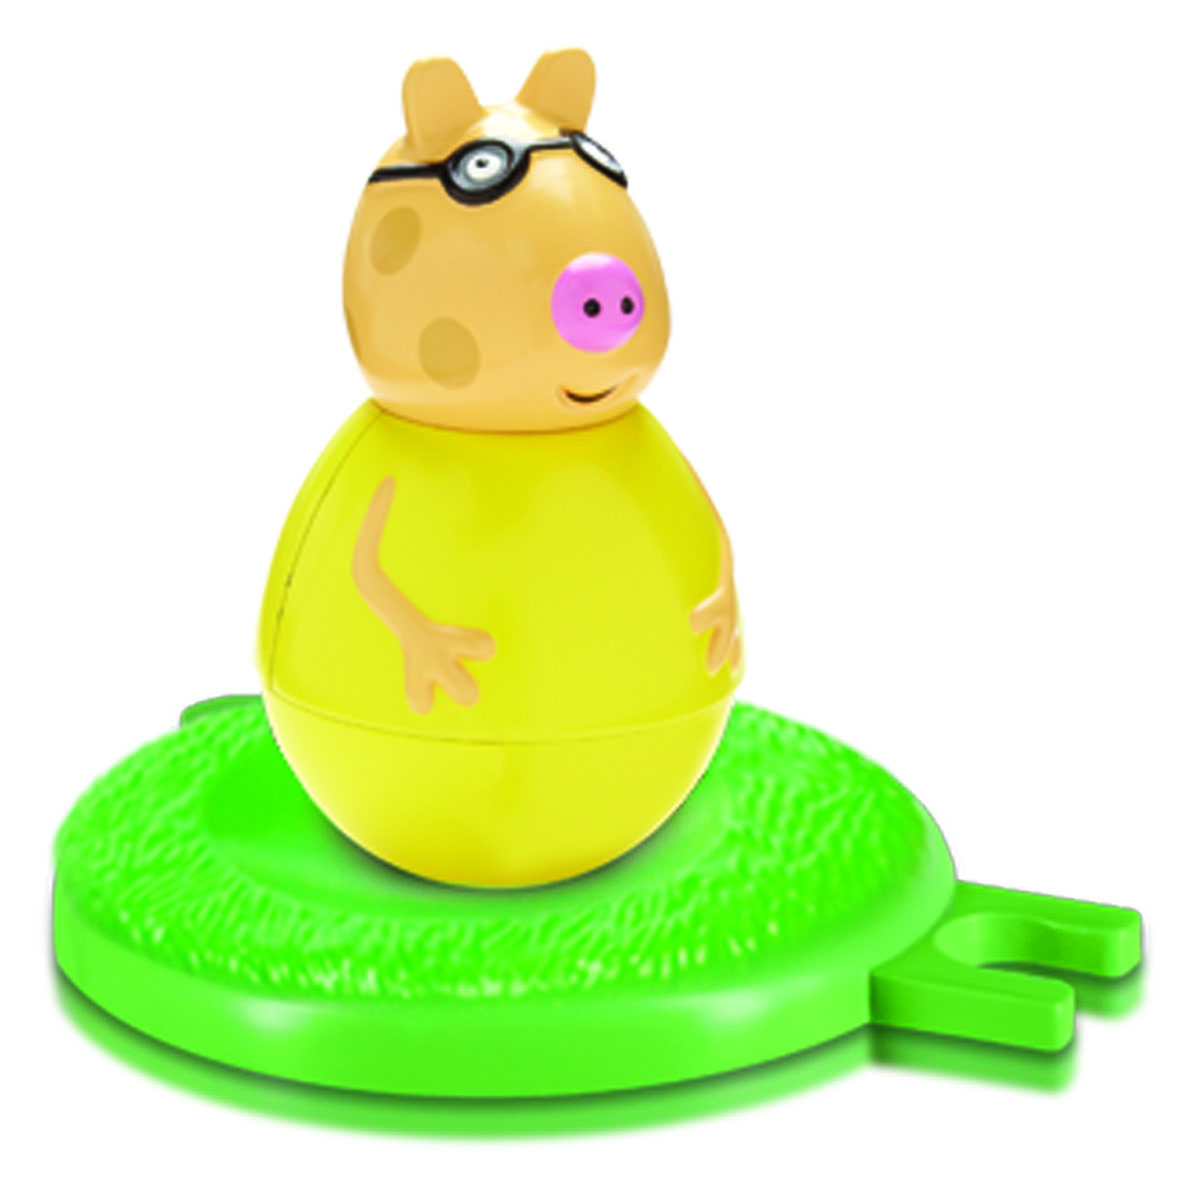 Фигурка-неваляшка Weebles «пони Педро» тм Peppa PigСвинка Пеппа Peppa Pig<br>Фигурка-неваляшка Weebles «пони Педро» тм Peppa Pig<br>